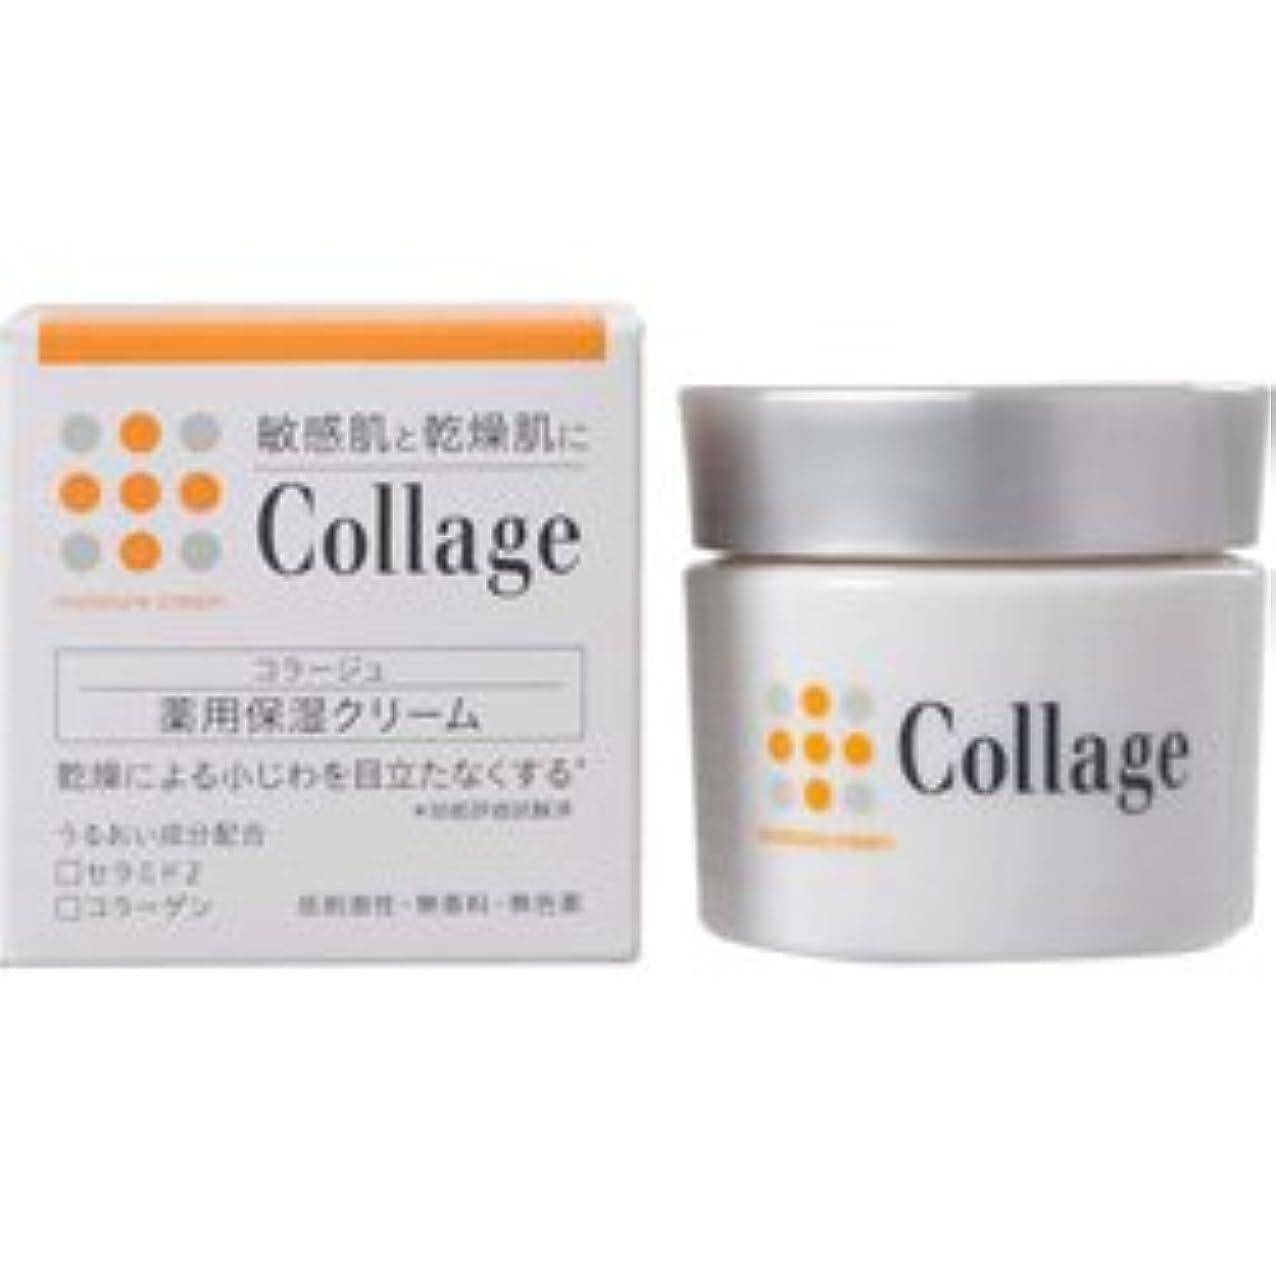 複製教会神学校【持田ヘルスケア】 コラージュ薬用保湿クリーム 30g (医薬部外品) ×3個セット